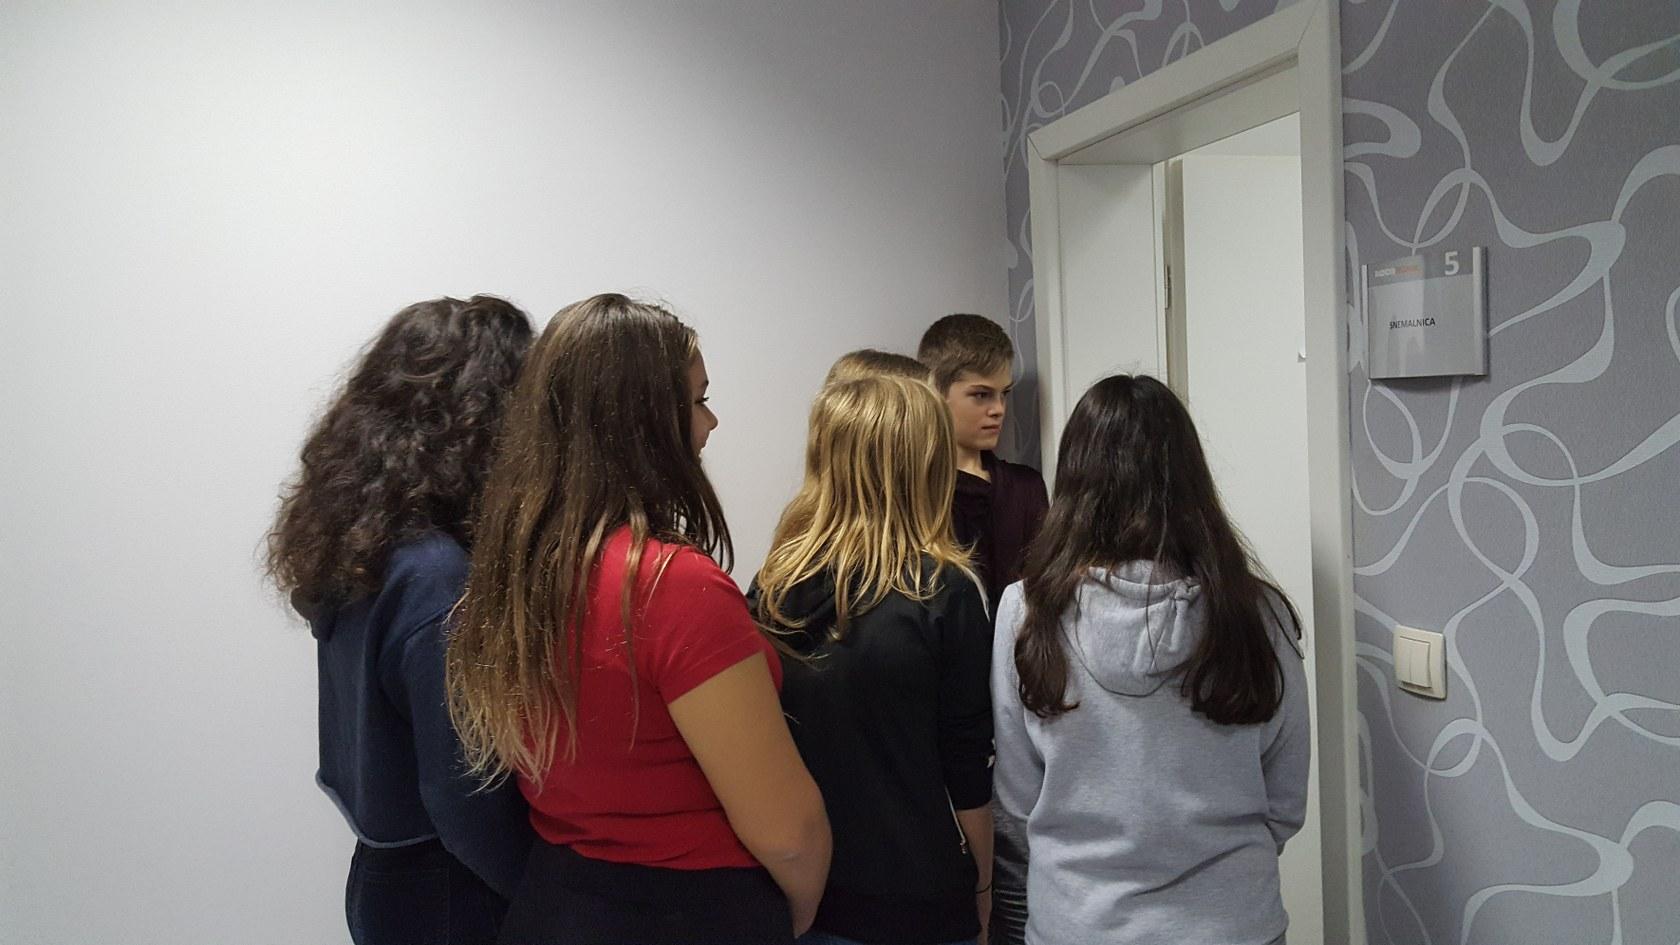 obisk-radia-tednik-ptuj-novinar-4_1680x945